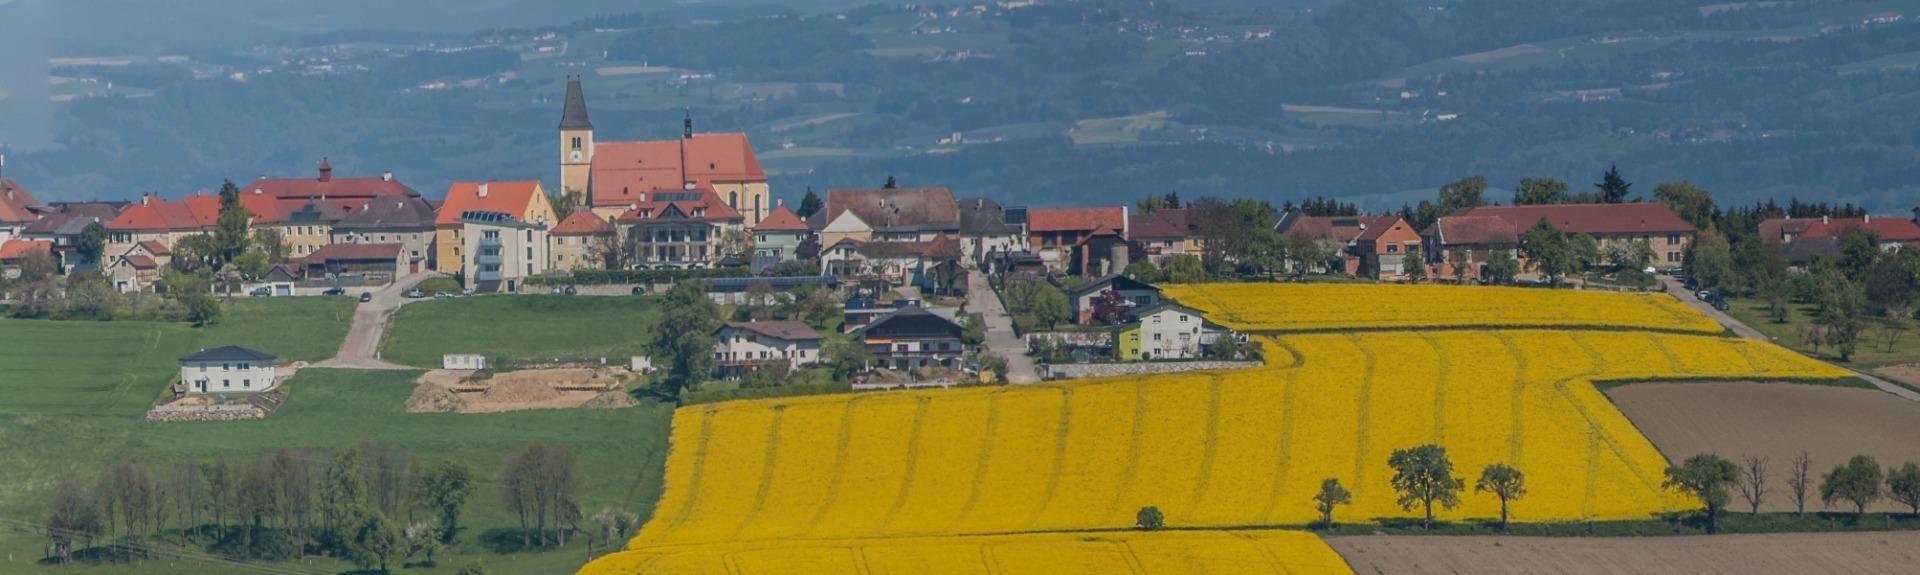 Strengberg Panorama 4.jpg